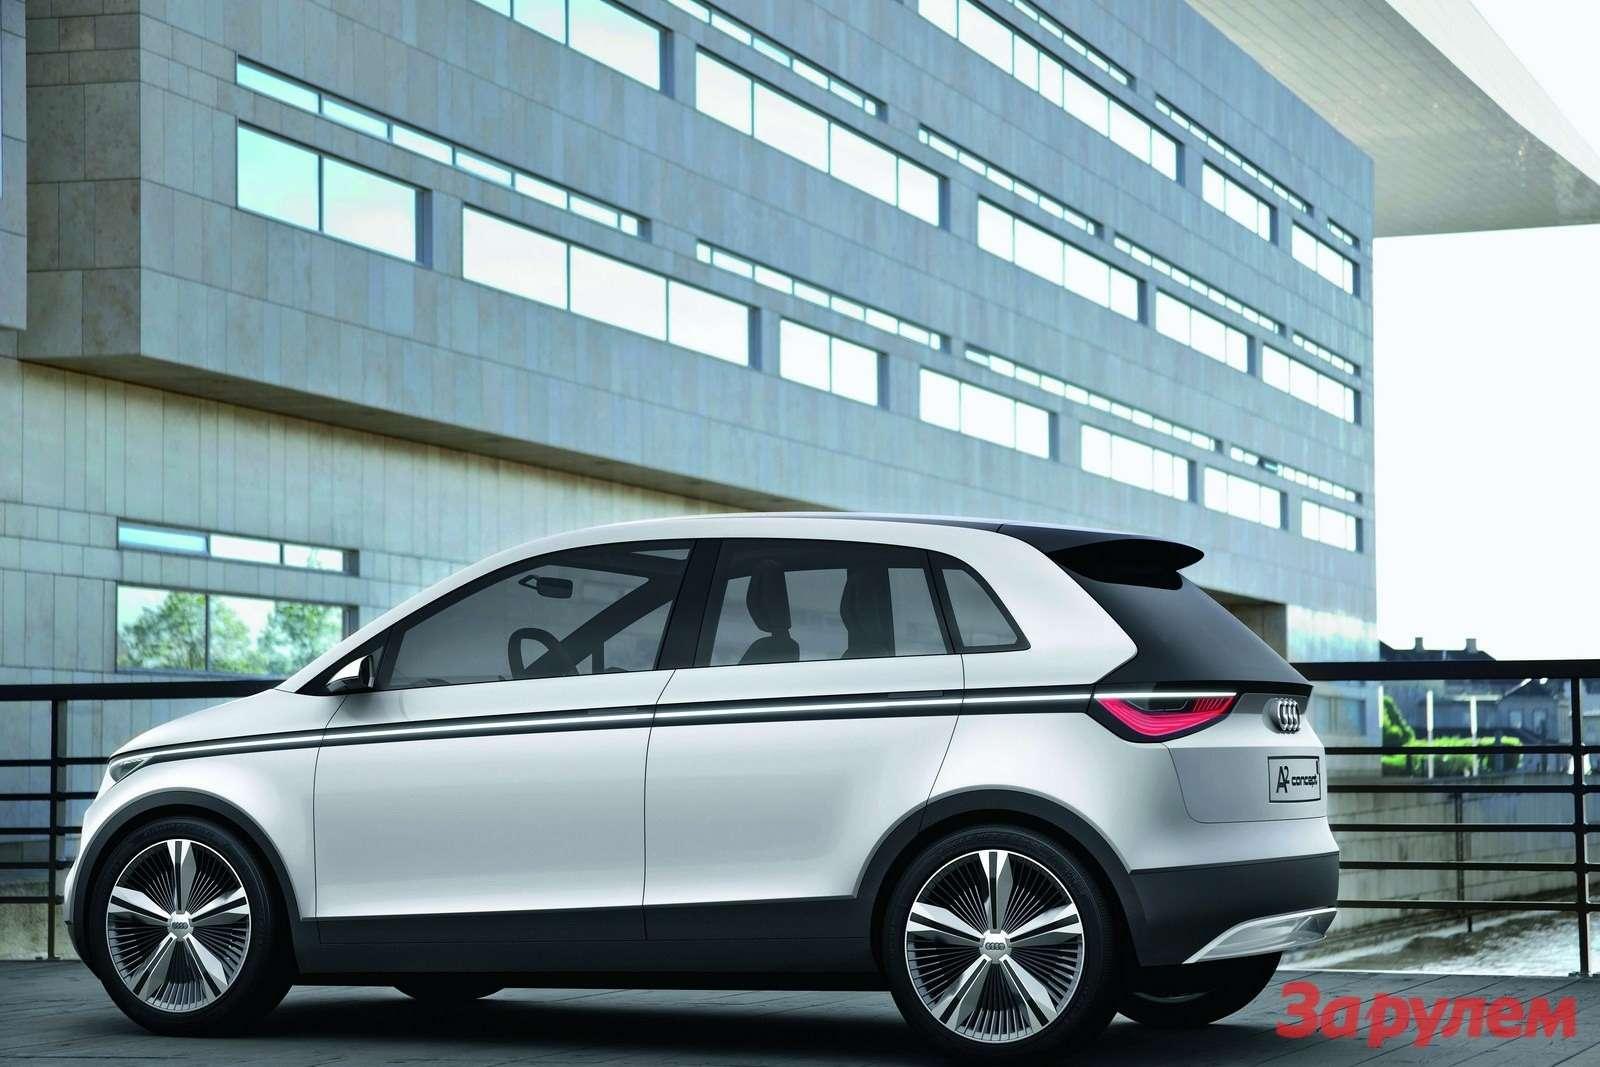 Audi_A2-Concept-3